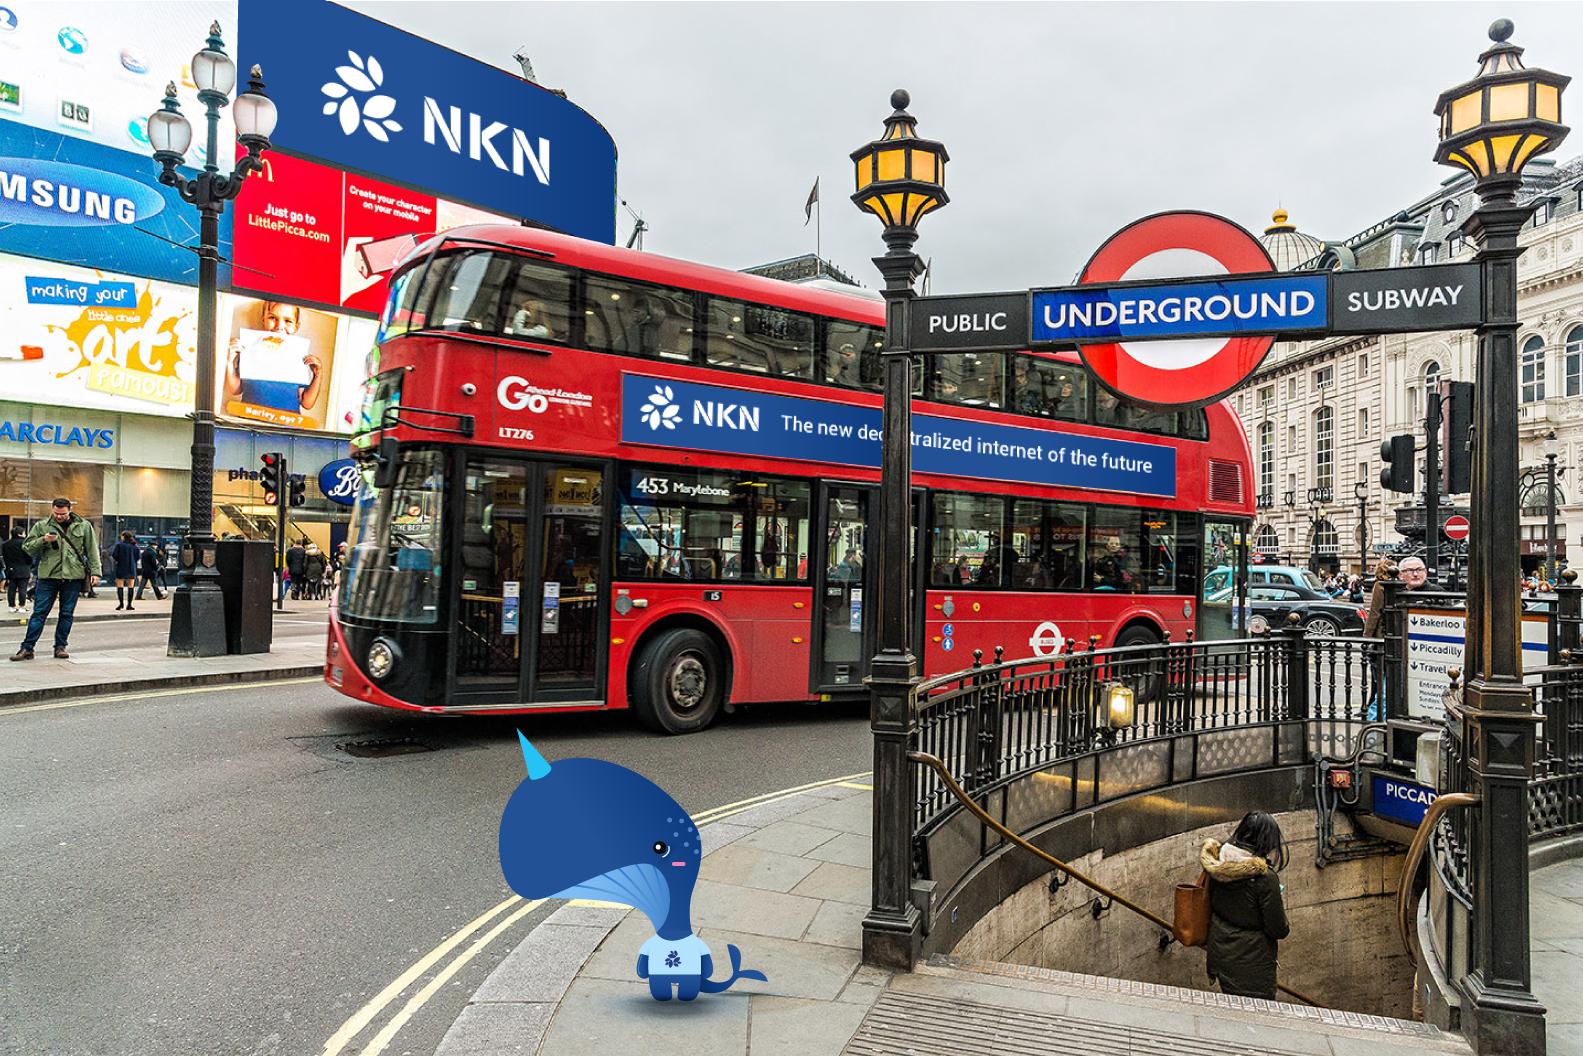 NKN-London-2